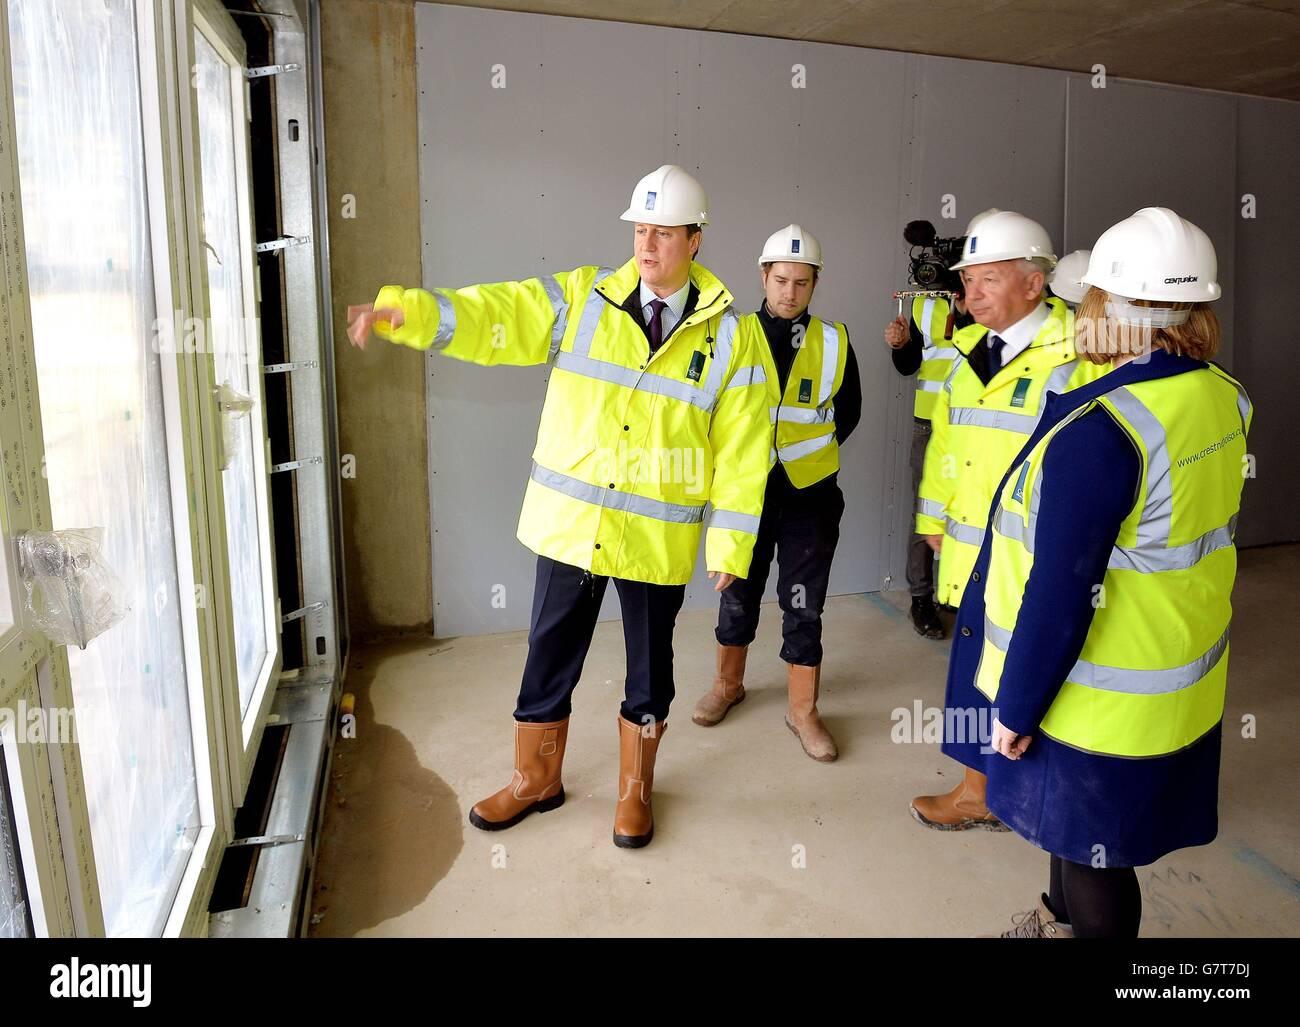 El primer ministro David Cameron ve el trabajo de construcción casi terminado con el CEO de CREST Building Steve Stone (tercera izquierda), durante una visita a un sitio de construcción donde están construyendo pisos privados en Isleworth, al oeste de Londres. Foto de stock